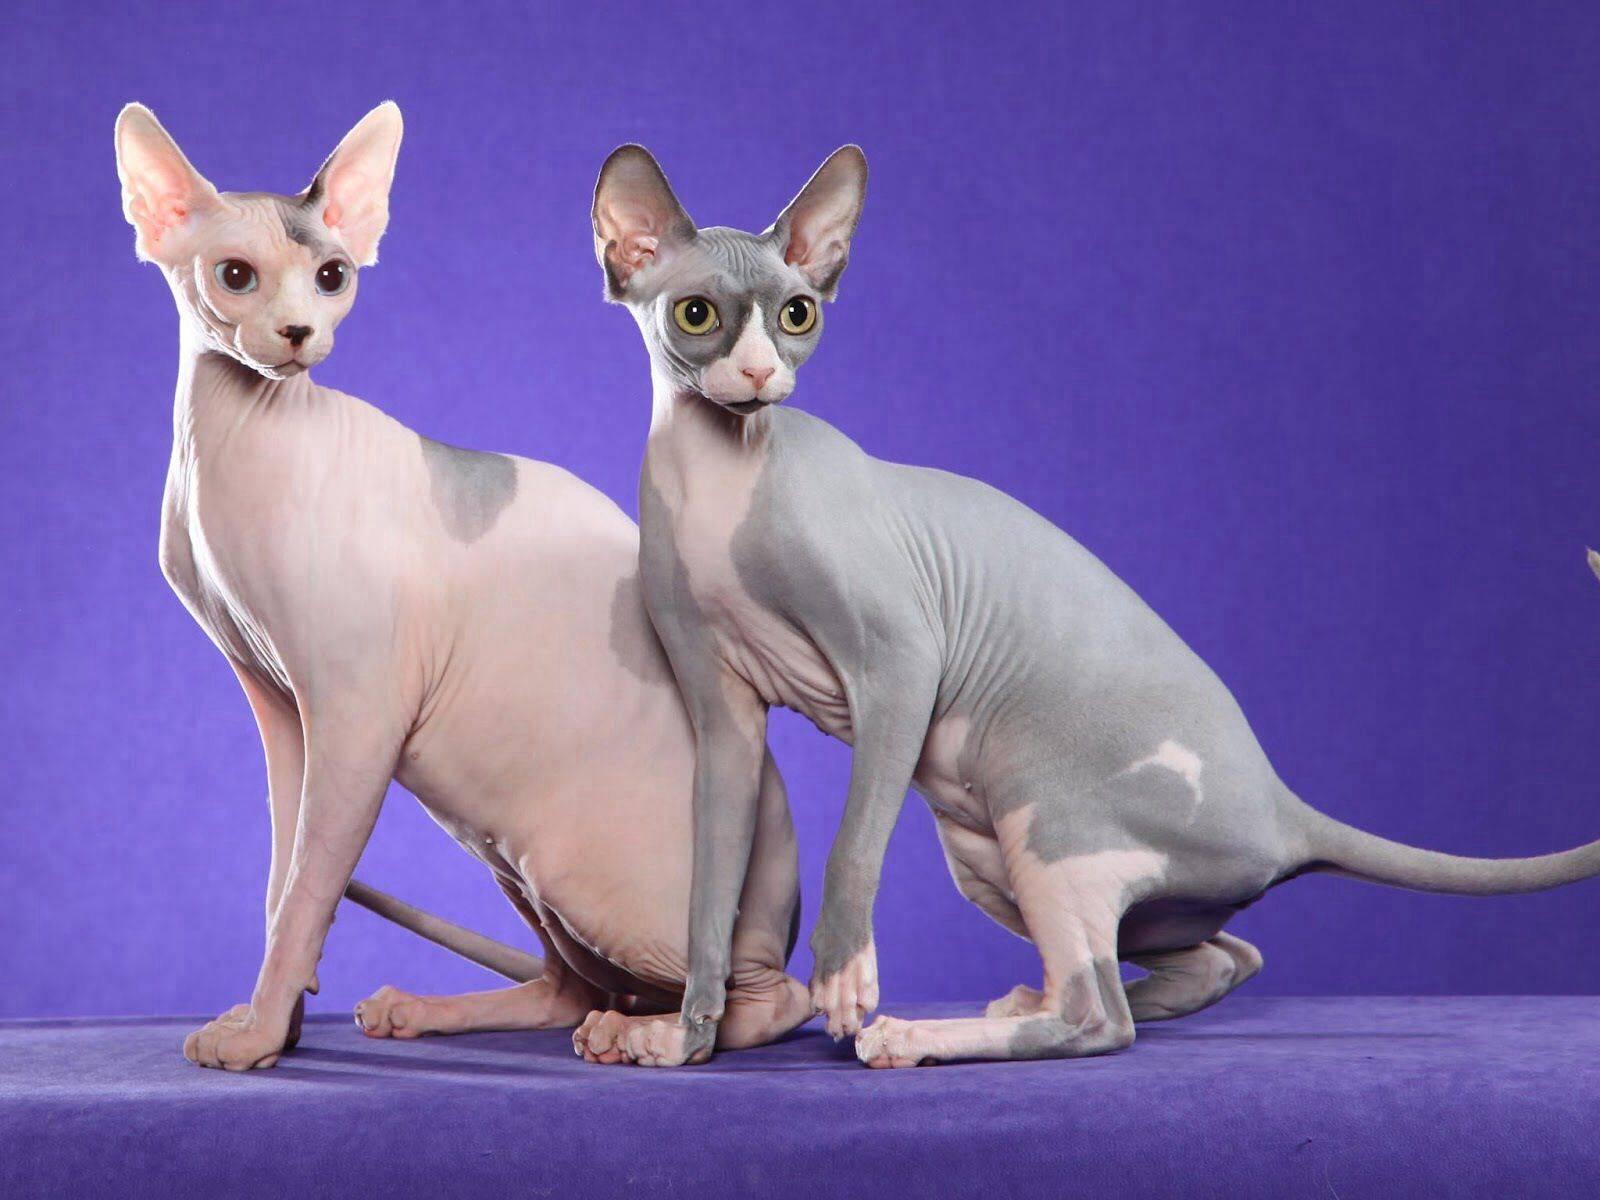 Лысые кошки (46 фото): распространенные породы котов без шерсти. как выглядят и называются черные бесшерстные котята?